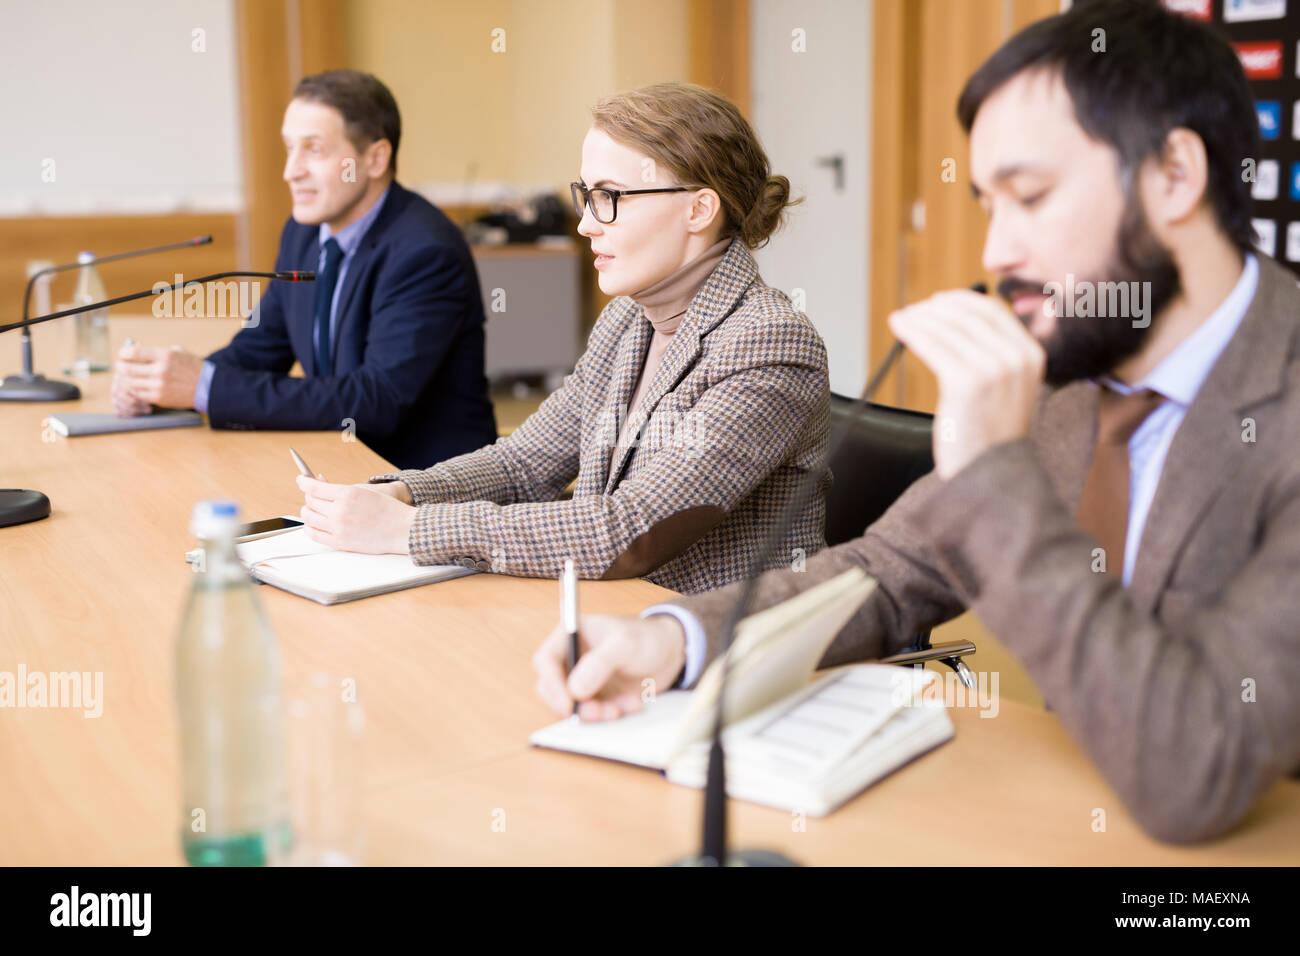 Les gens d'affaires qui participent à la conférence de presse Photo Stock